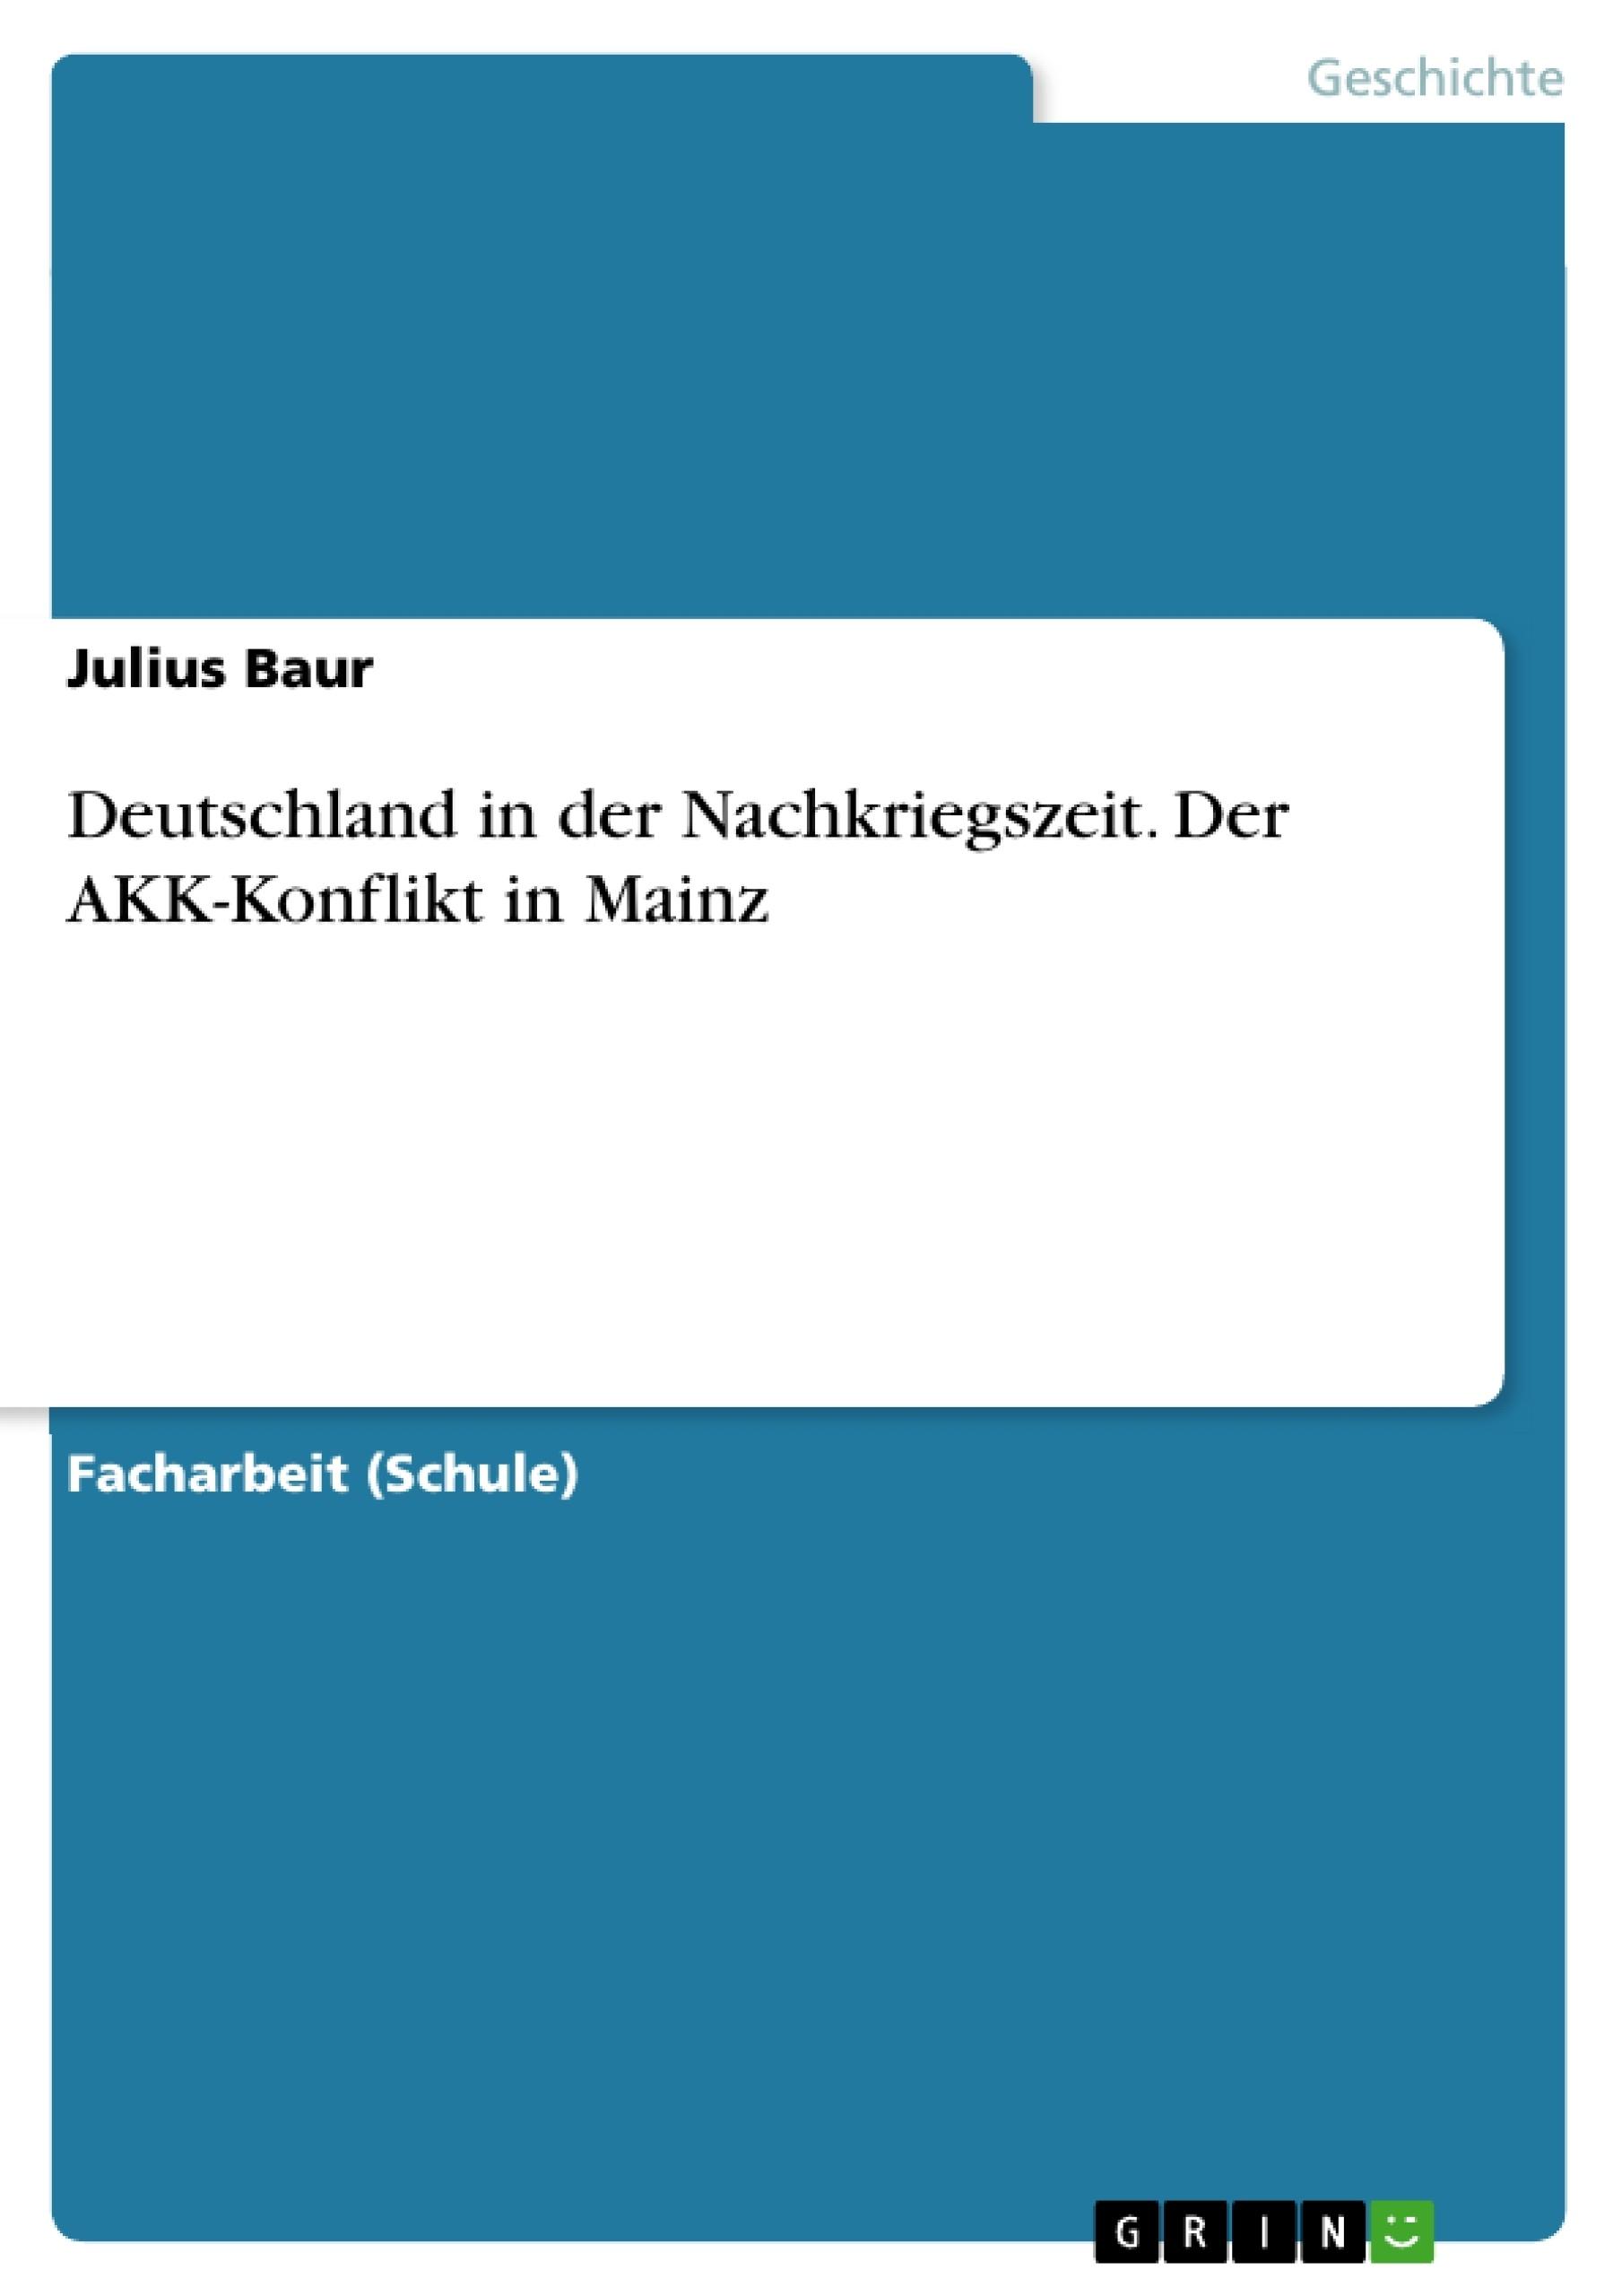 Titel: Deutschland in der Nachkriegszeit. Der AKK-Konflikt in Mainz